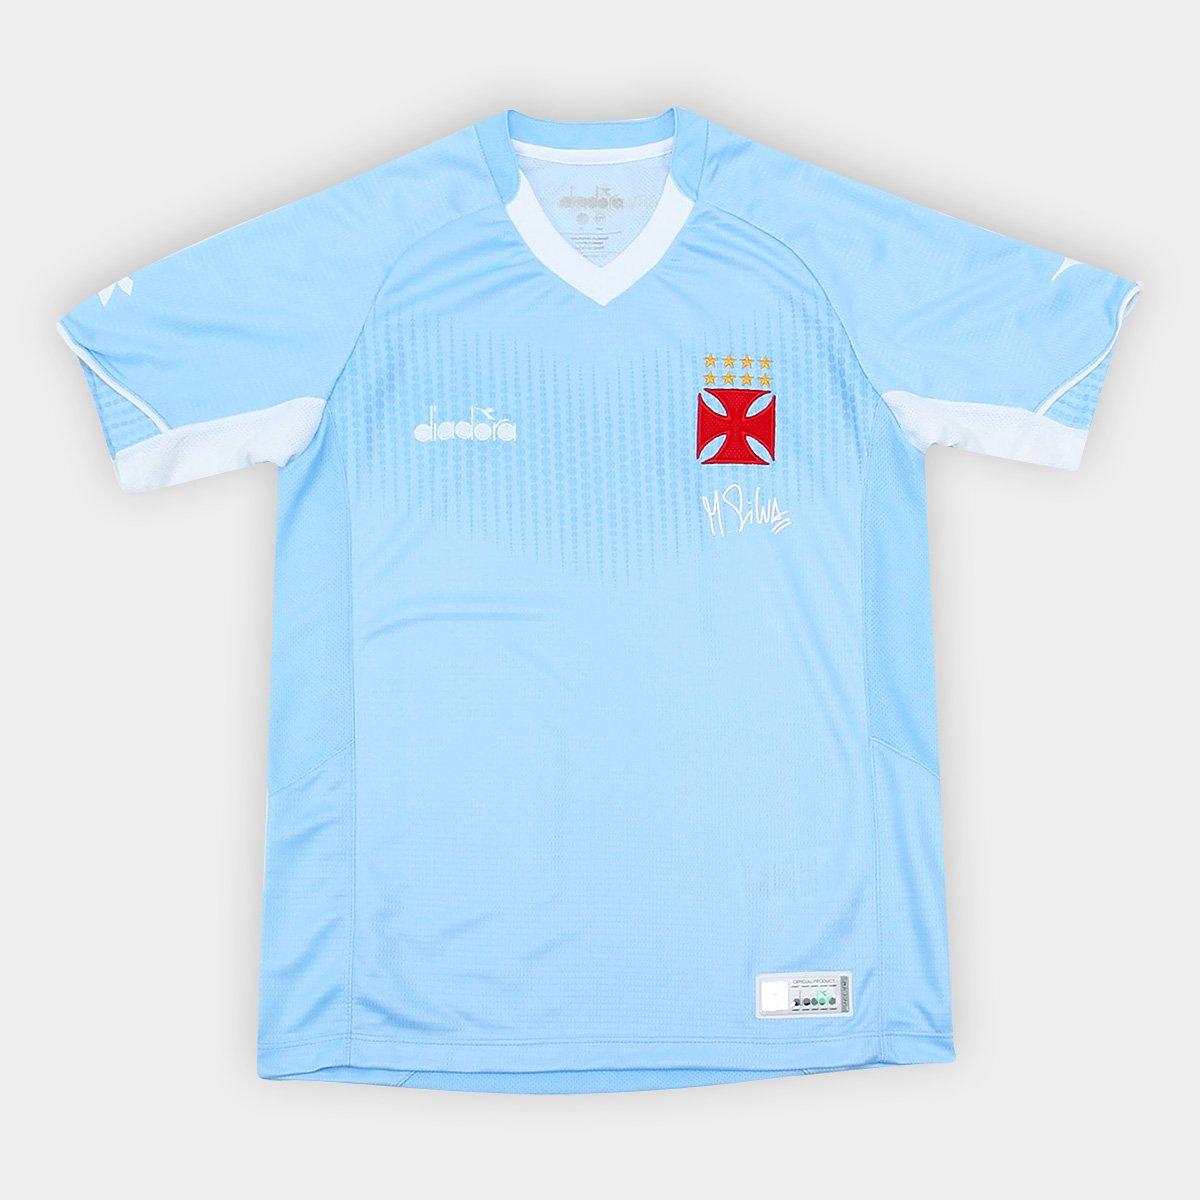 Camisa de Goleiro Vasco Infantil I 2018 s n° Torcedor Diadora - Azul ... fe00968ddf445